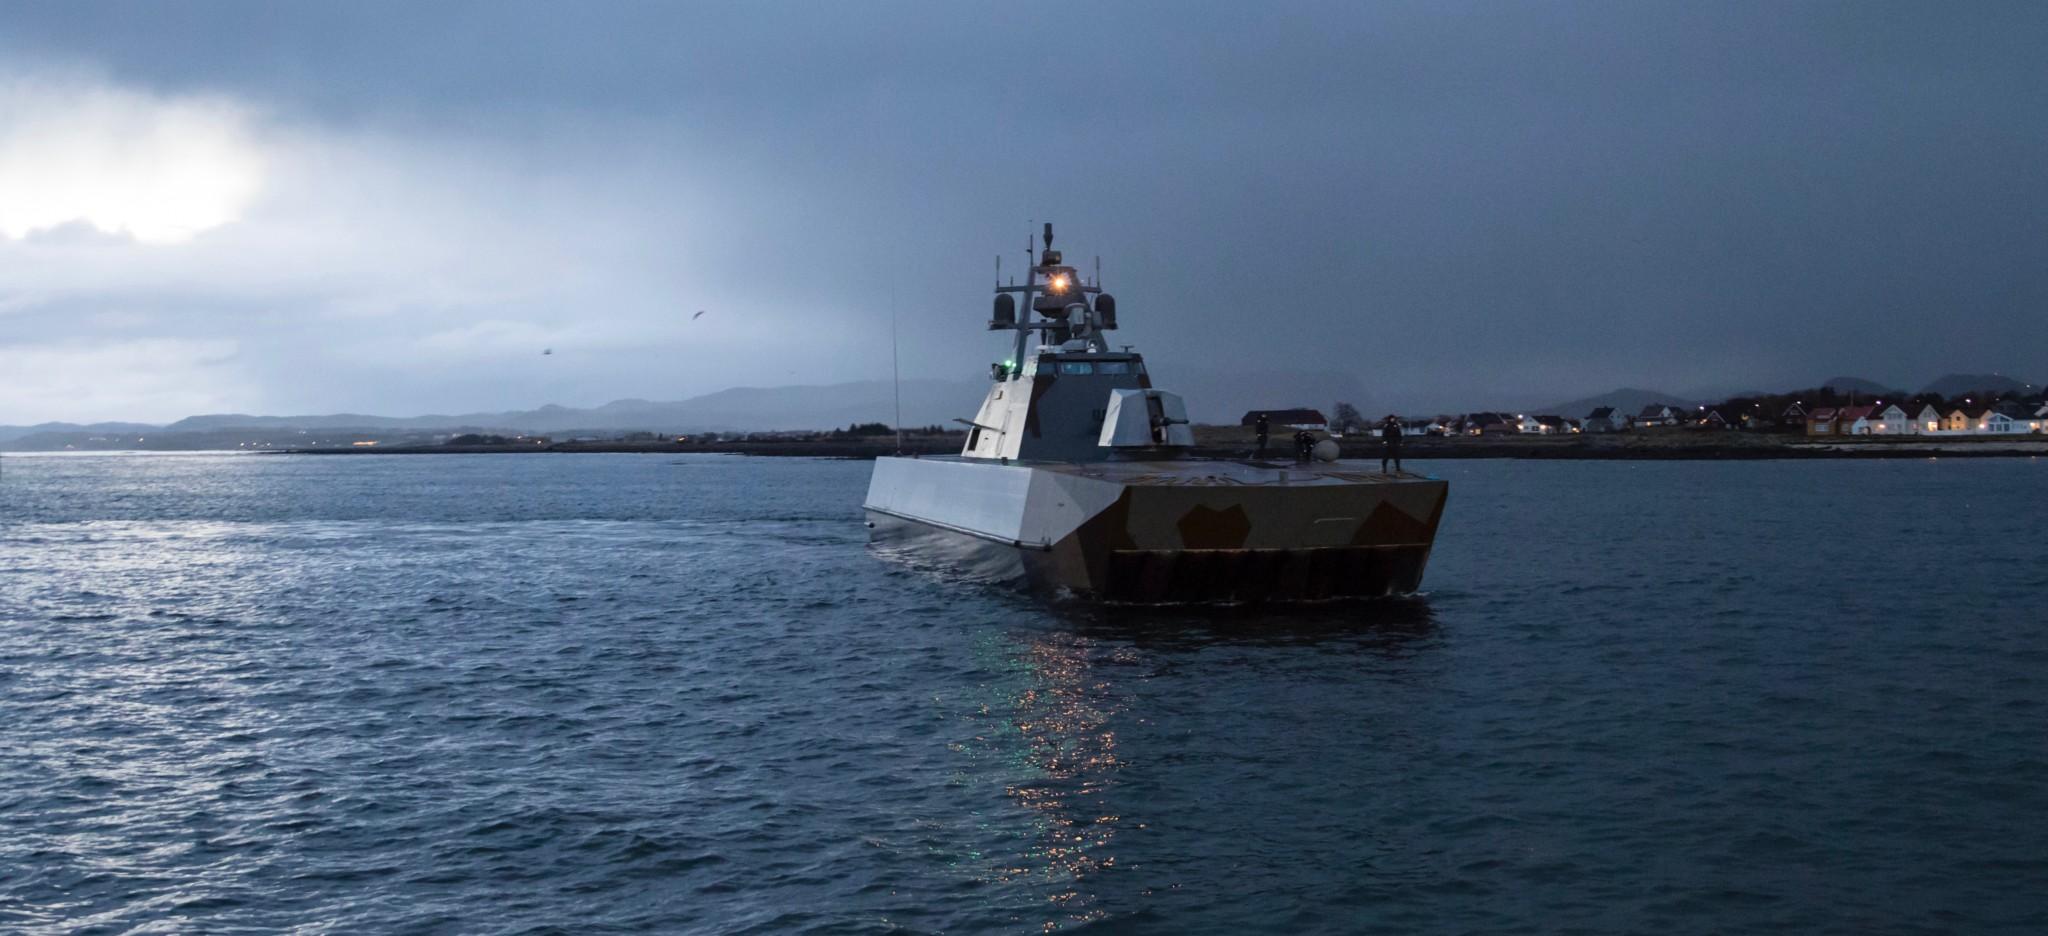 a3658500 HURTIGGÅENDE: Sjøforsvarets seks korvetter er hurtiggående og en  slagkraftig kapasitet. De kan ikke avhendes. Vi bør i stedet få flere  korvetter.